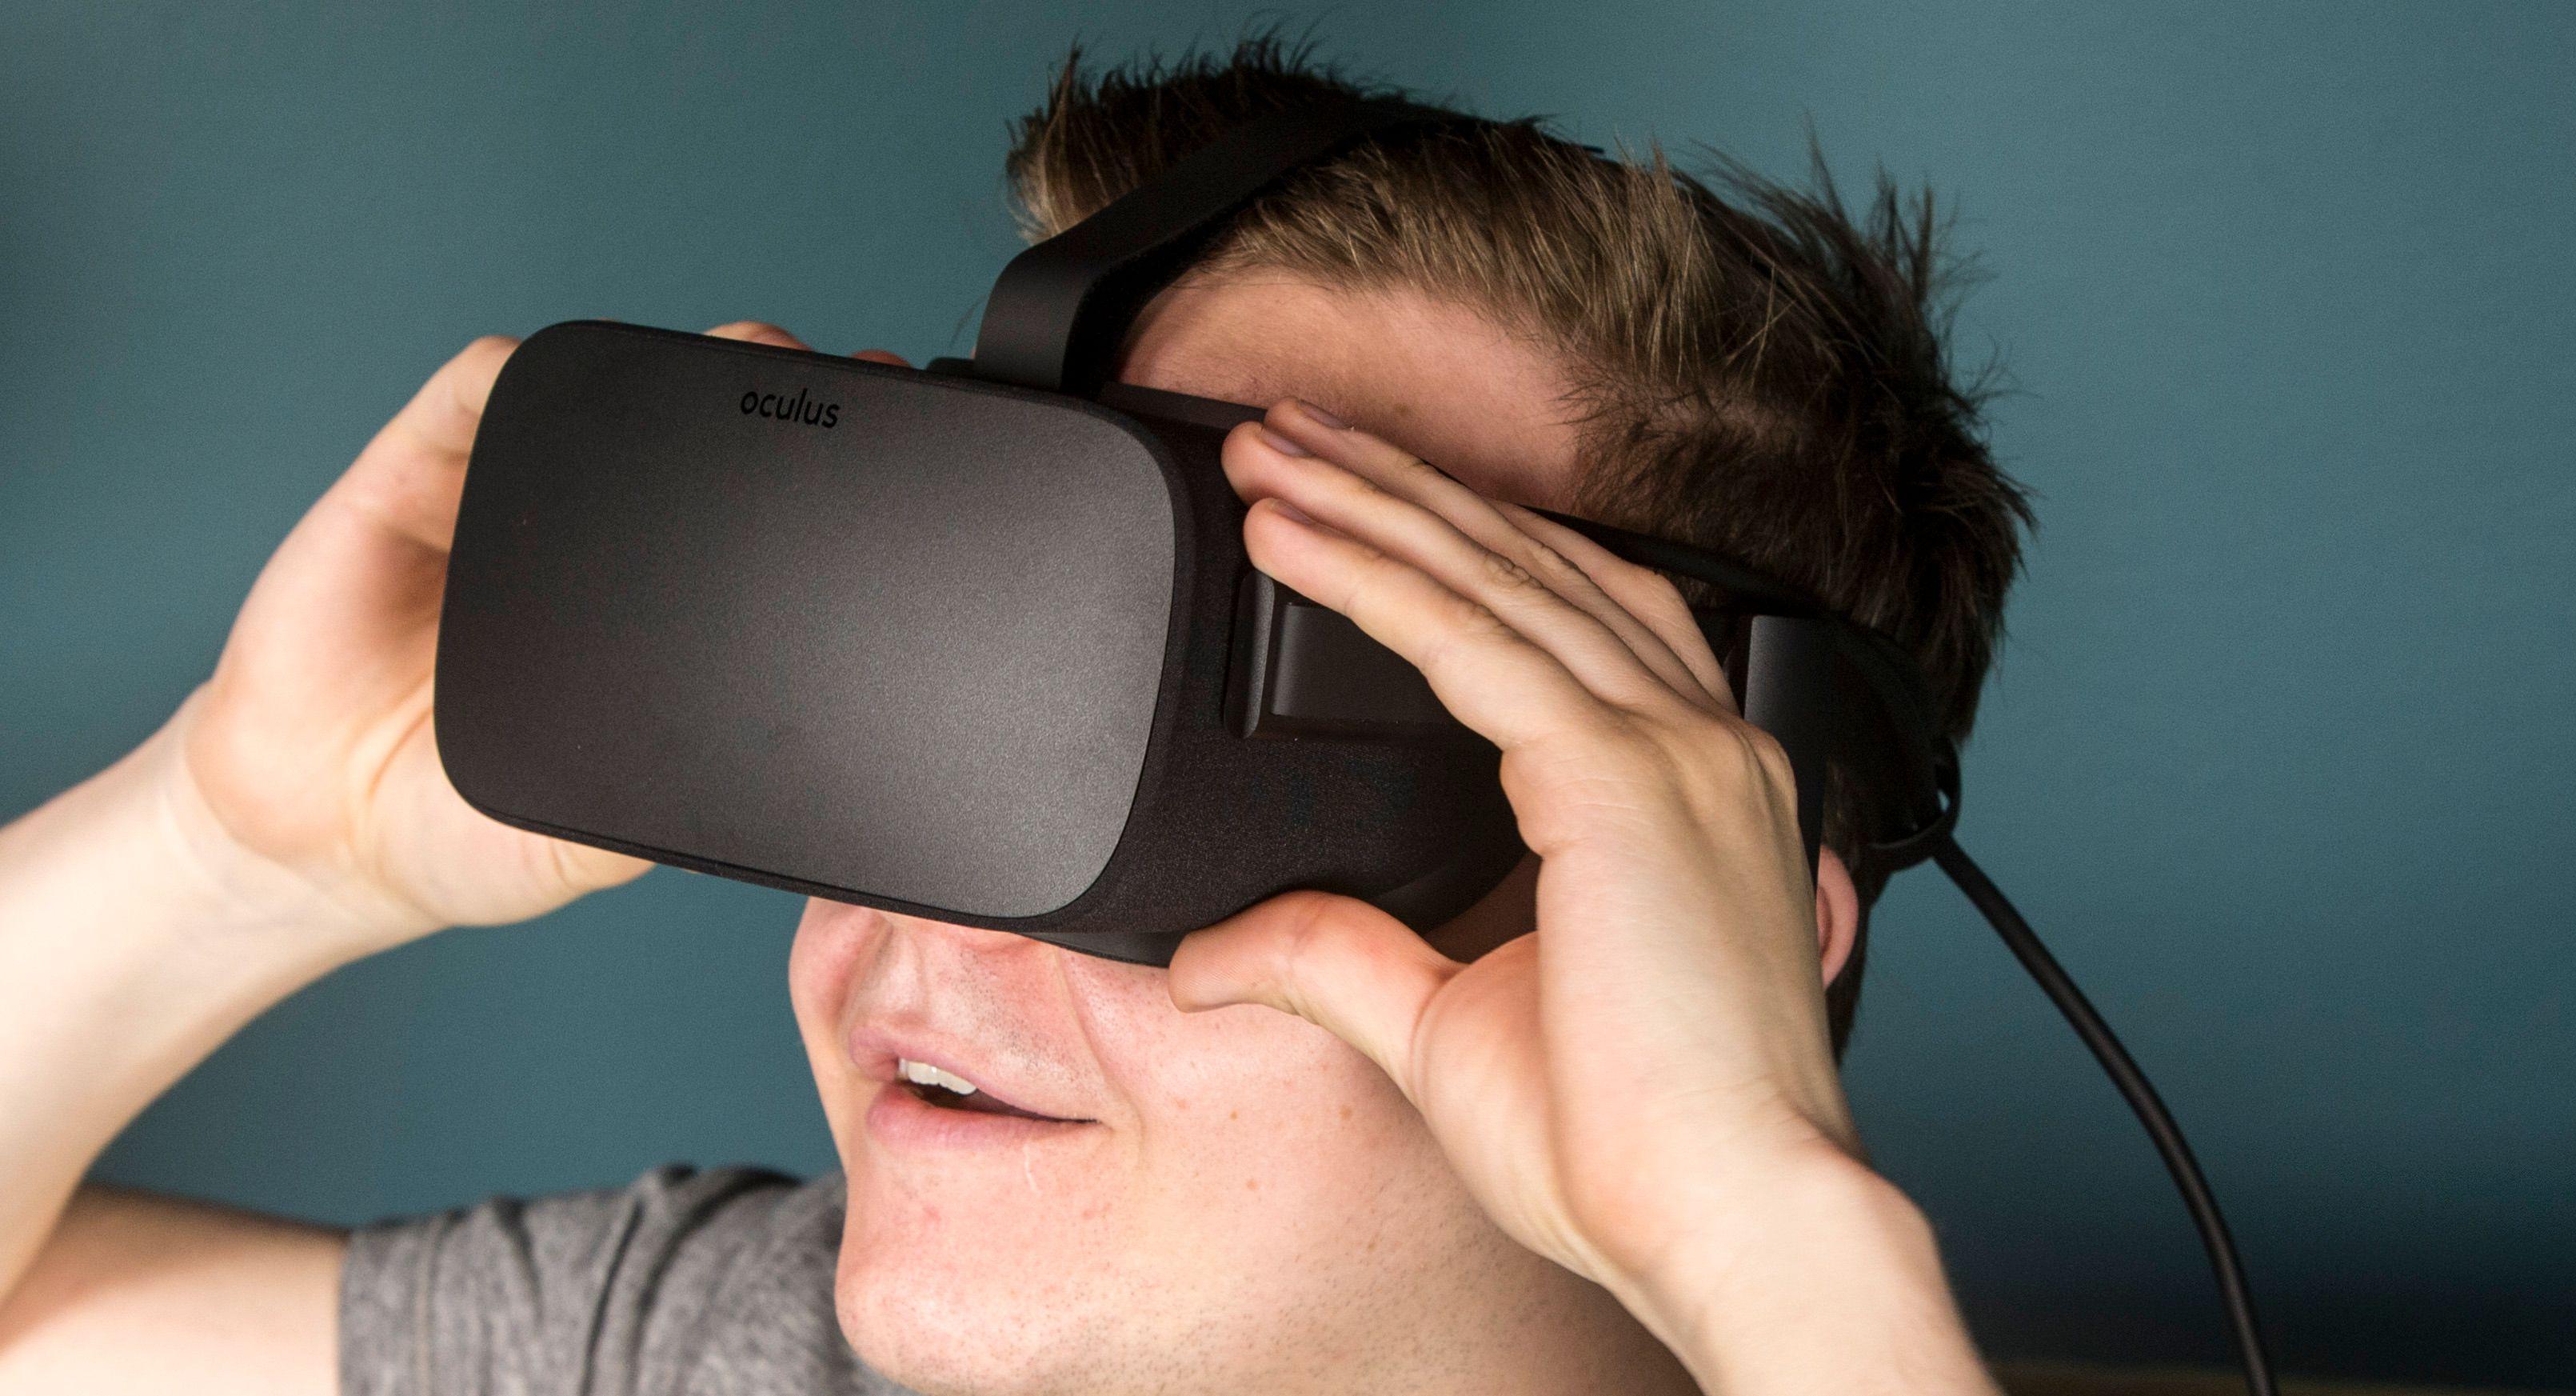 Fremtidige versjoner av Oculus Rift kan ha mye å hente på utviklingen som skjer innen LCD-teknologien.